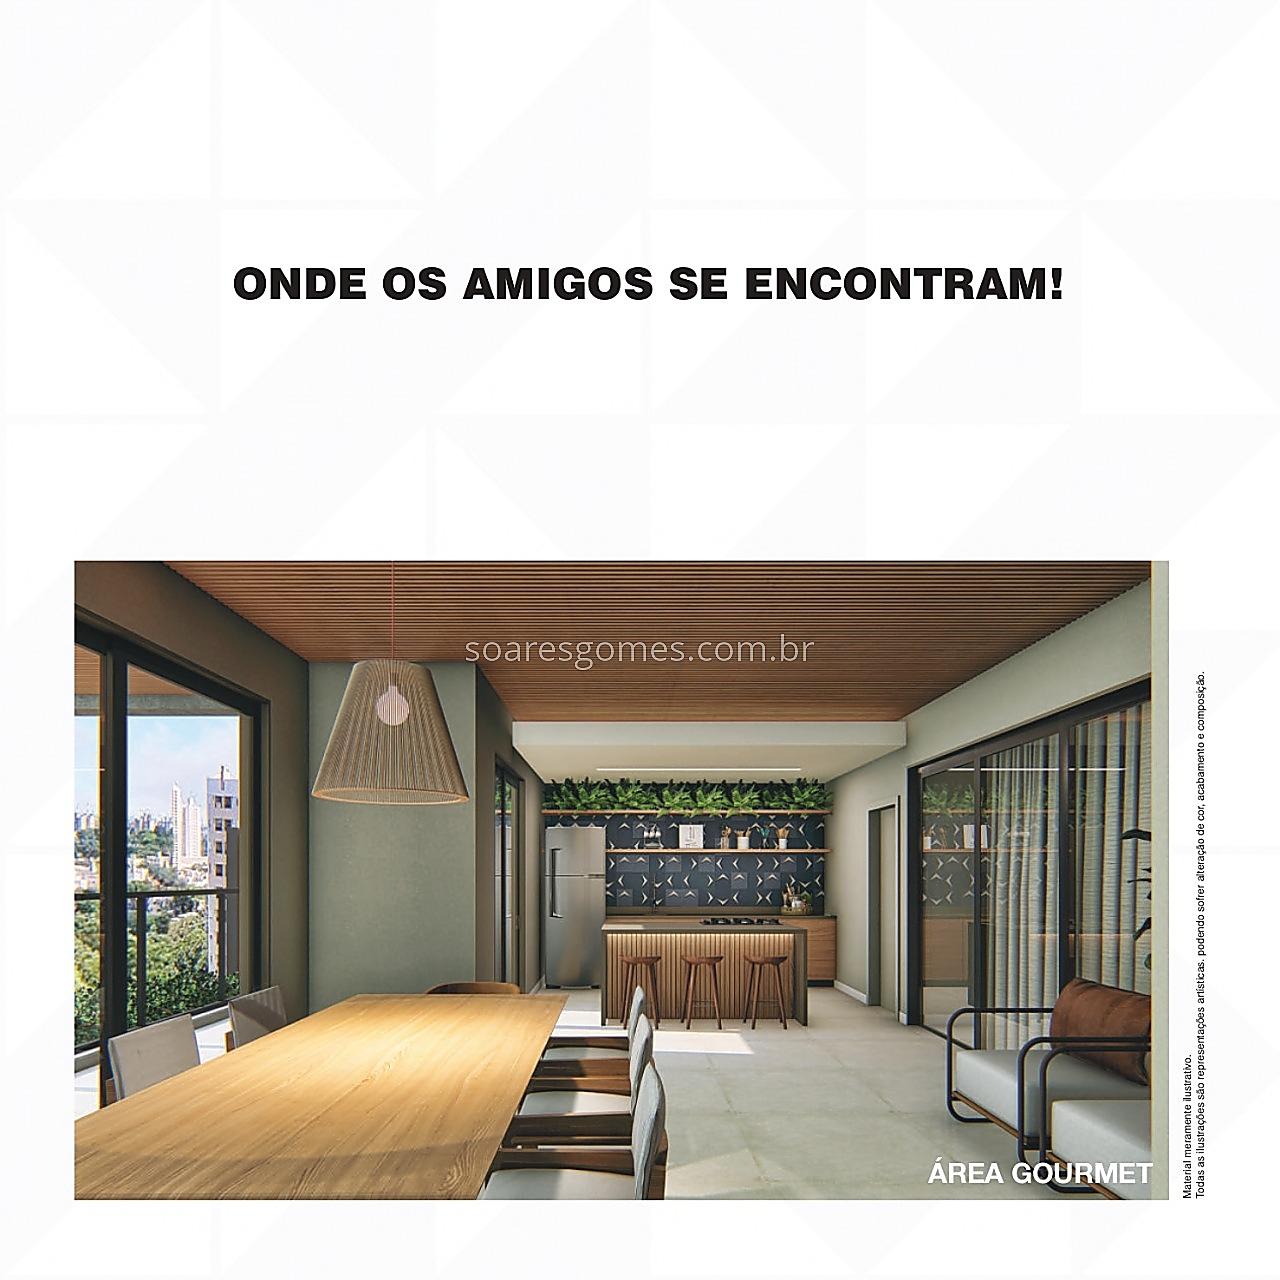 Apartamento à venda em Bom Pastor, Juiz de Fora - MG - Foto 4